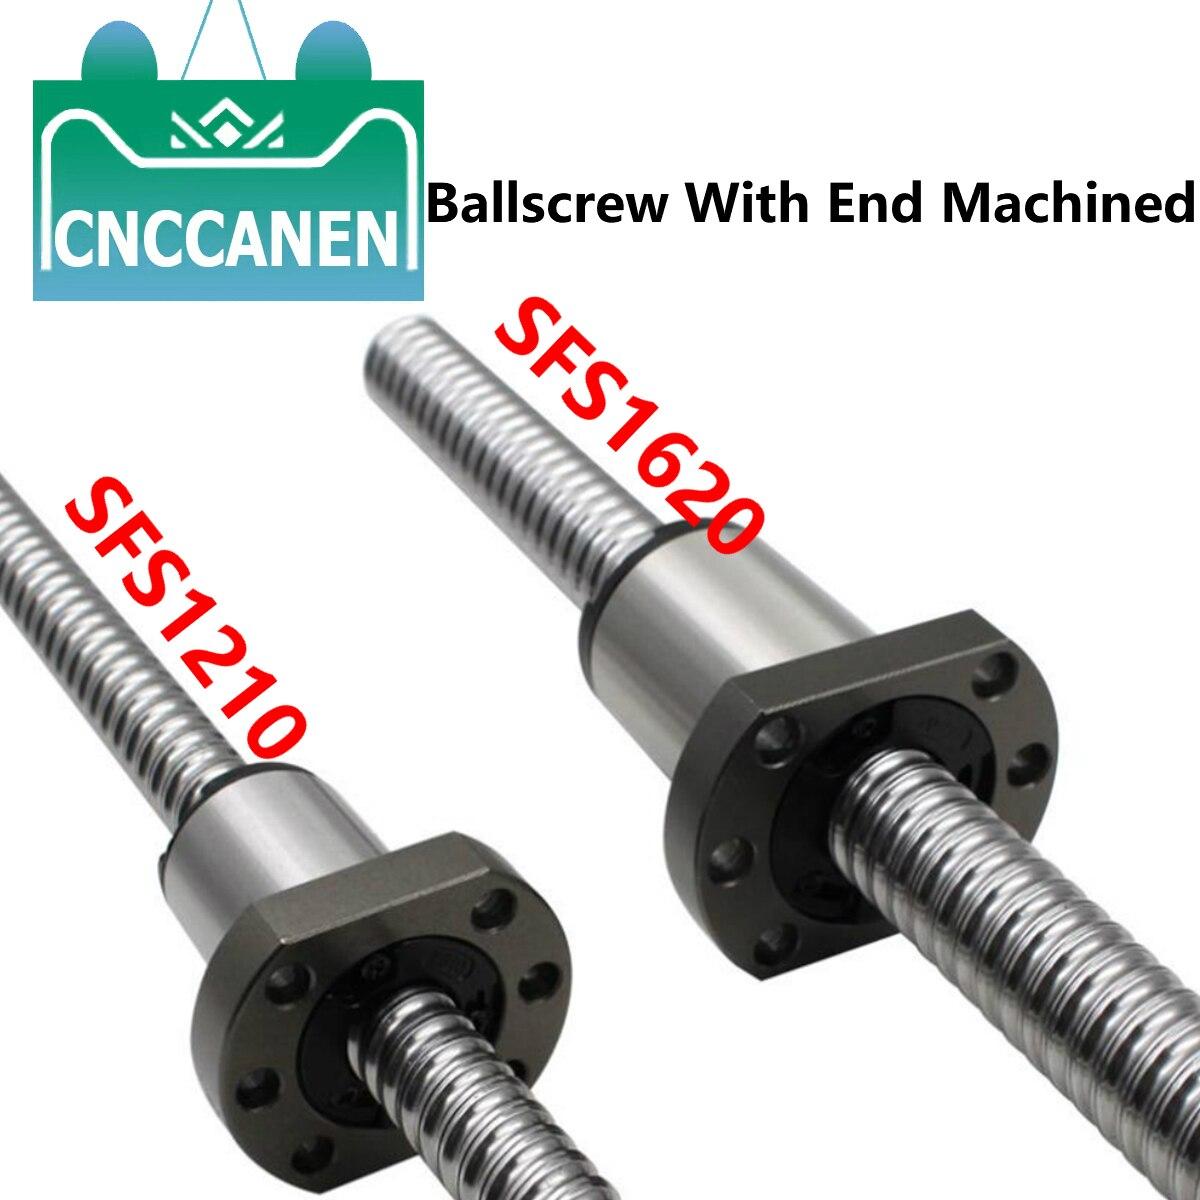 برغي كروي SFS1210 SFS1620 ، سرعة عالية مع طرف مُشغل آليًا C7 دقة 1210 1620 لولب كروي 250 ~ 1550 مللي متر SFS صامولة كروية لآلة CNC